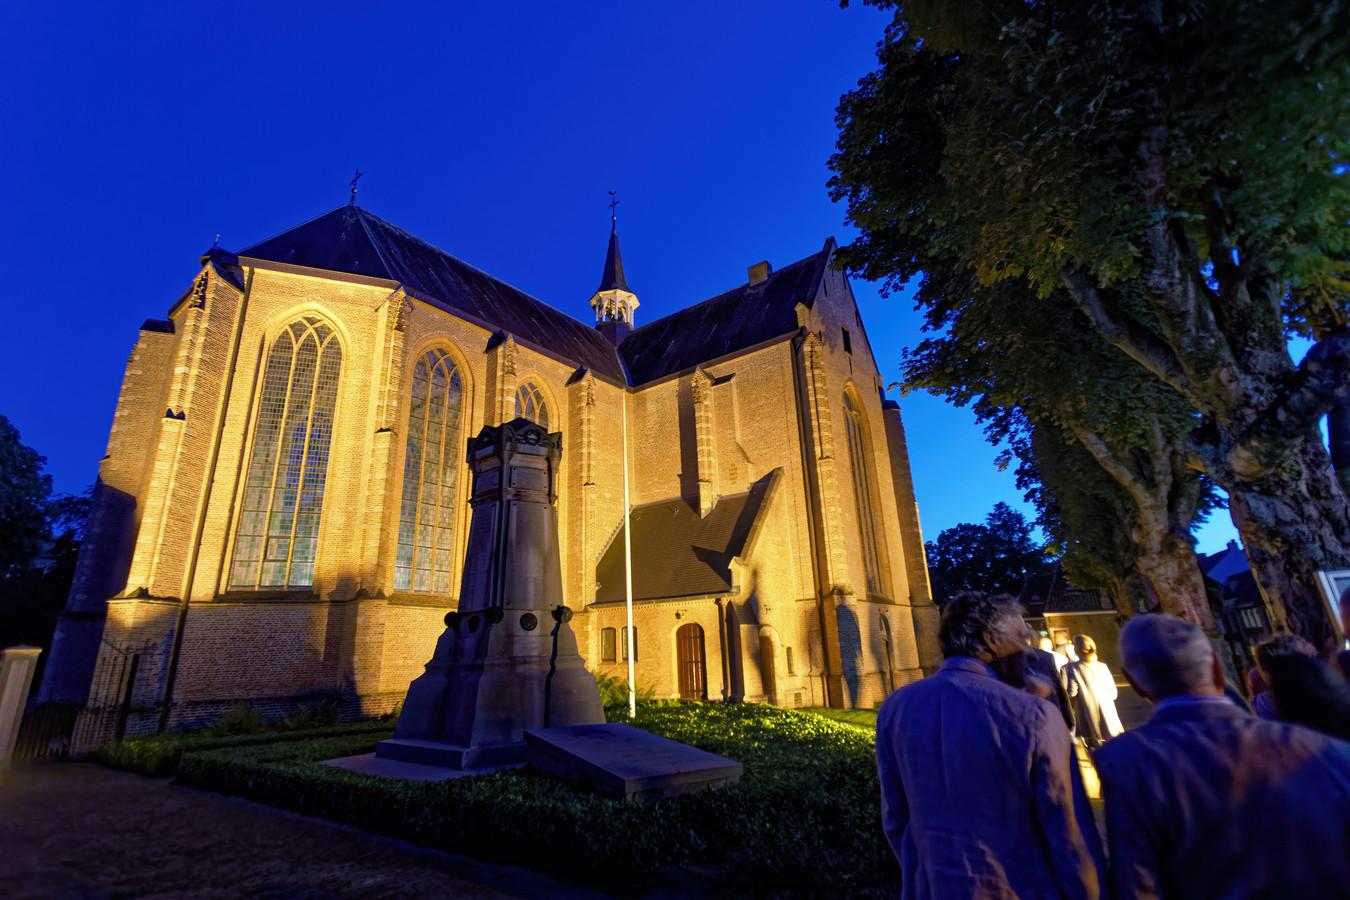 De Laurentiuskerk aan de Duivelsbruglaan in Breda is sinds vanavond verlicht. In de schemering trok een flinke groep belangstellenden langs de protestantse kerk.